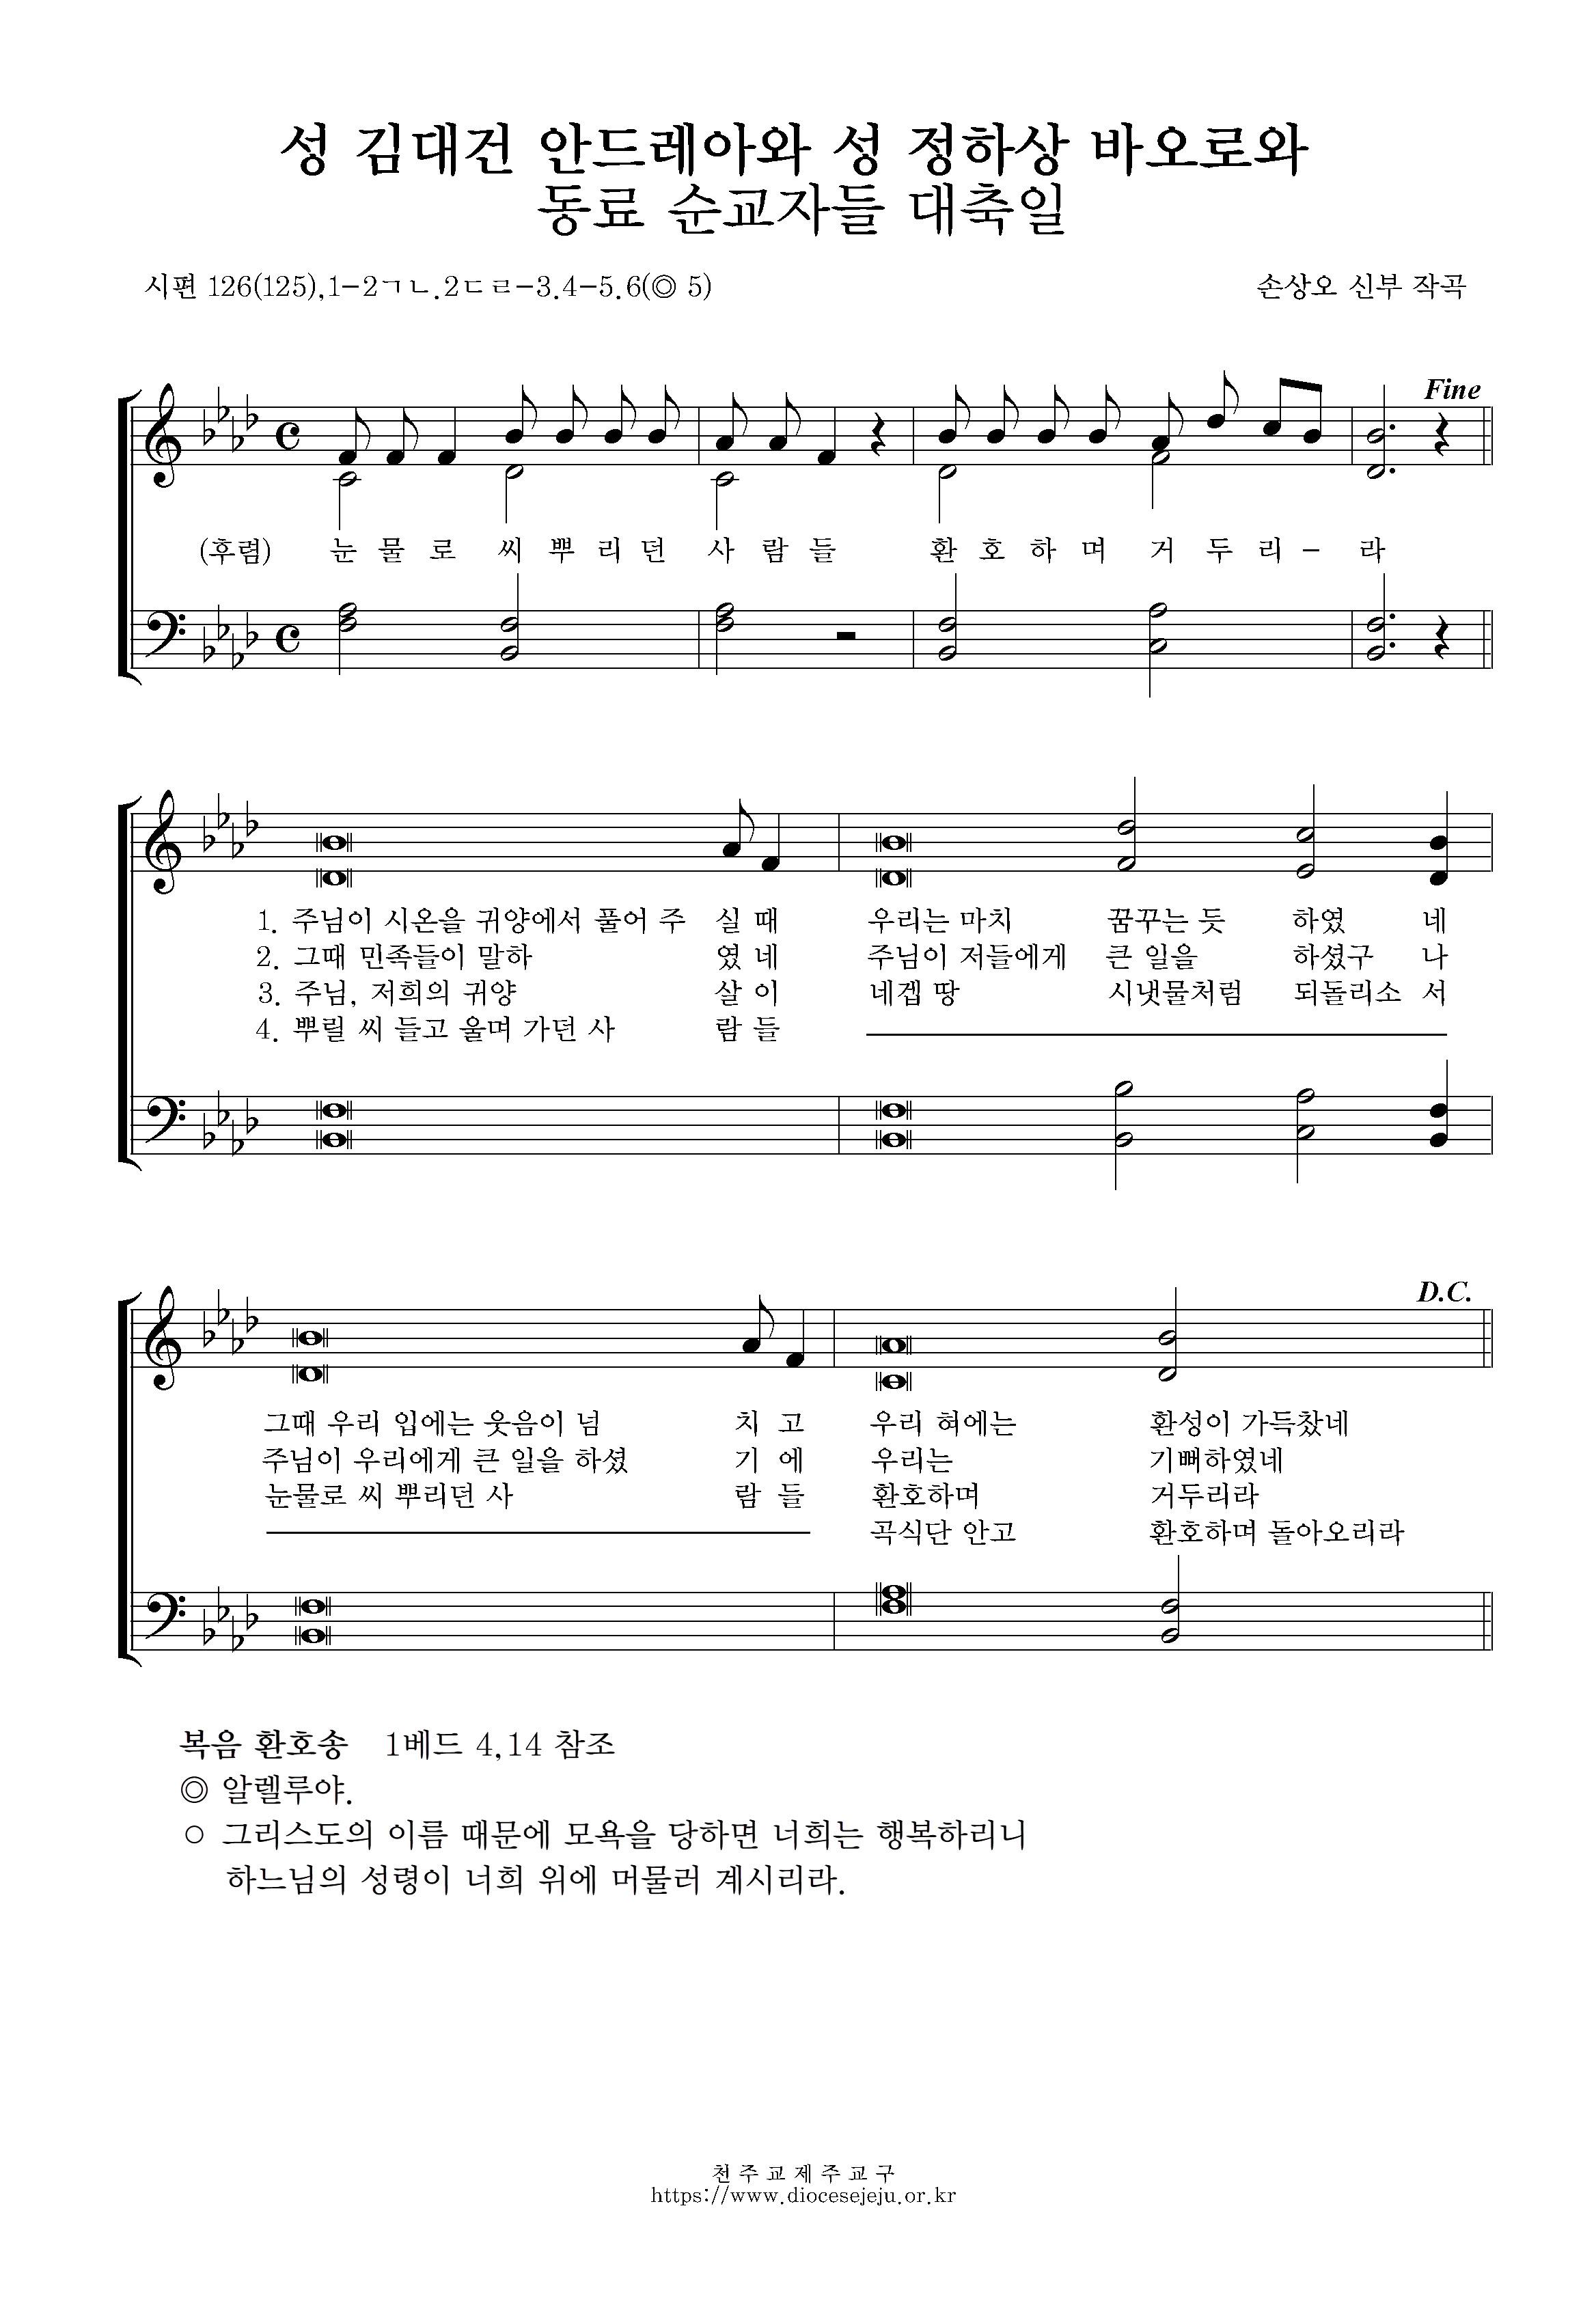 20200920-김대건안드레아와 동료순교자(공통).jpg